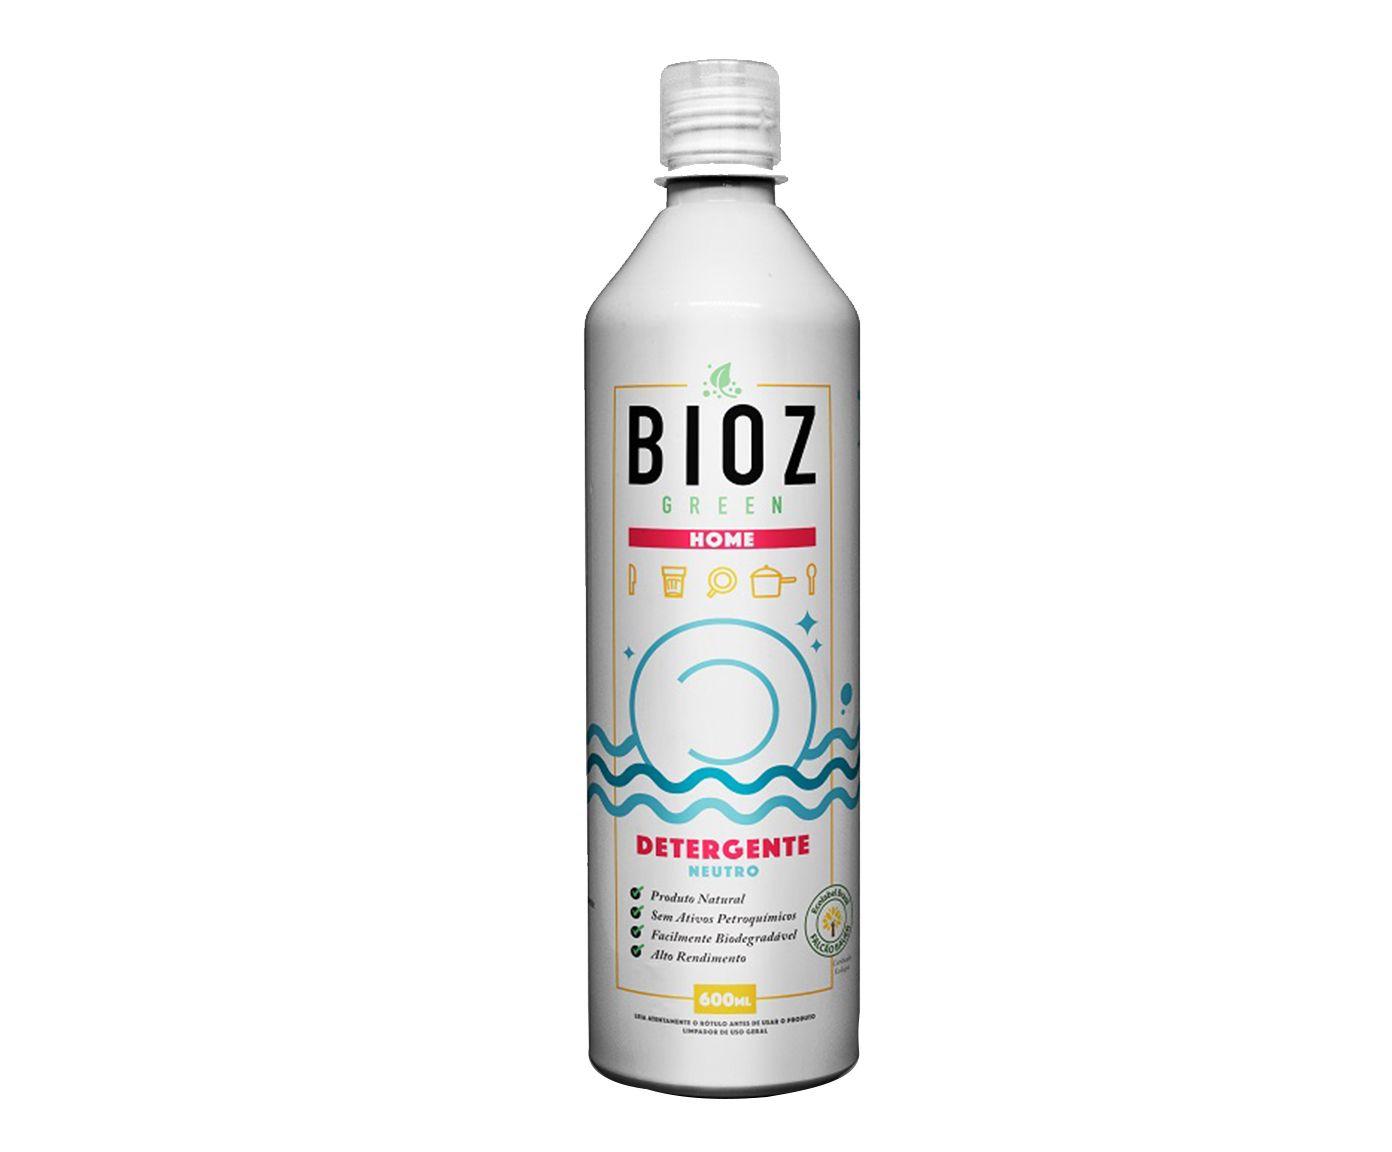 Detergente Neutro Bioz - 600ml | Westwing.com.br